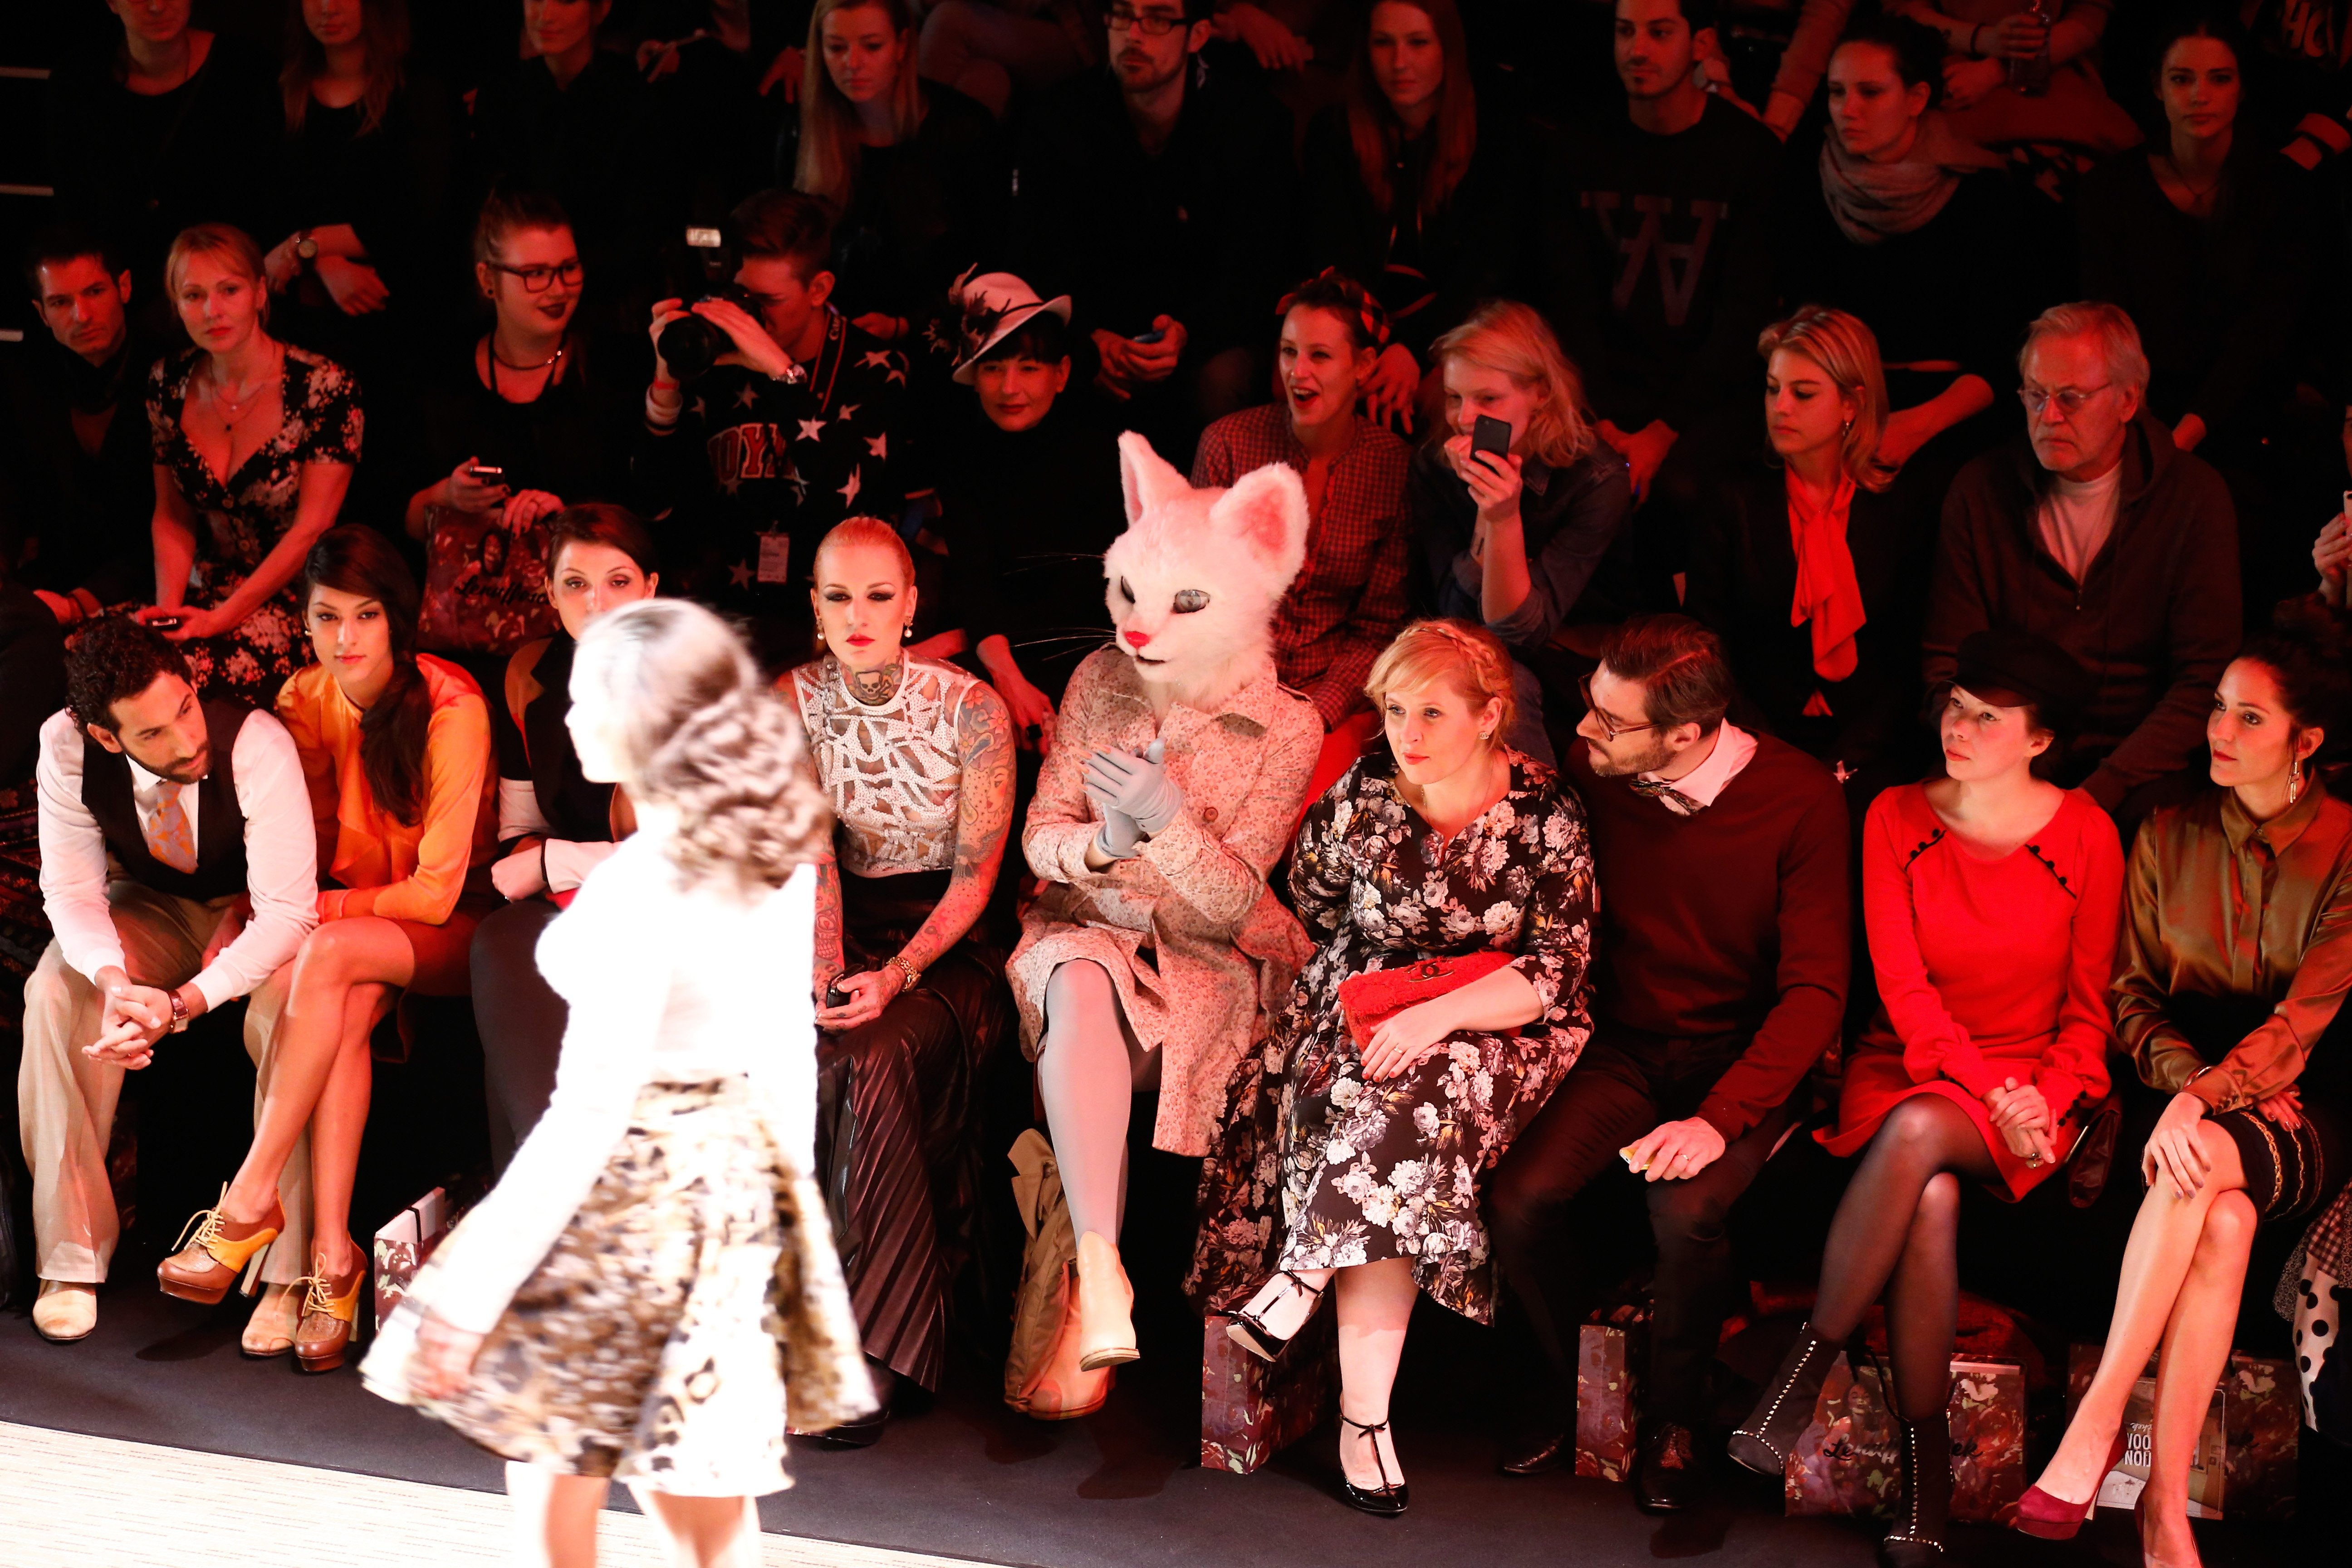 From left: Massimo Sinato, Rebecca Mir, Lexy Hill, Maite Kelly, Florent Raimond, guest, Johanna Klum attend the Rebekka Ruetz show during Mercedes-Benz Fashion Week in Berlin, Jan. 14, 2014.